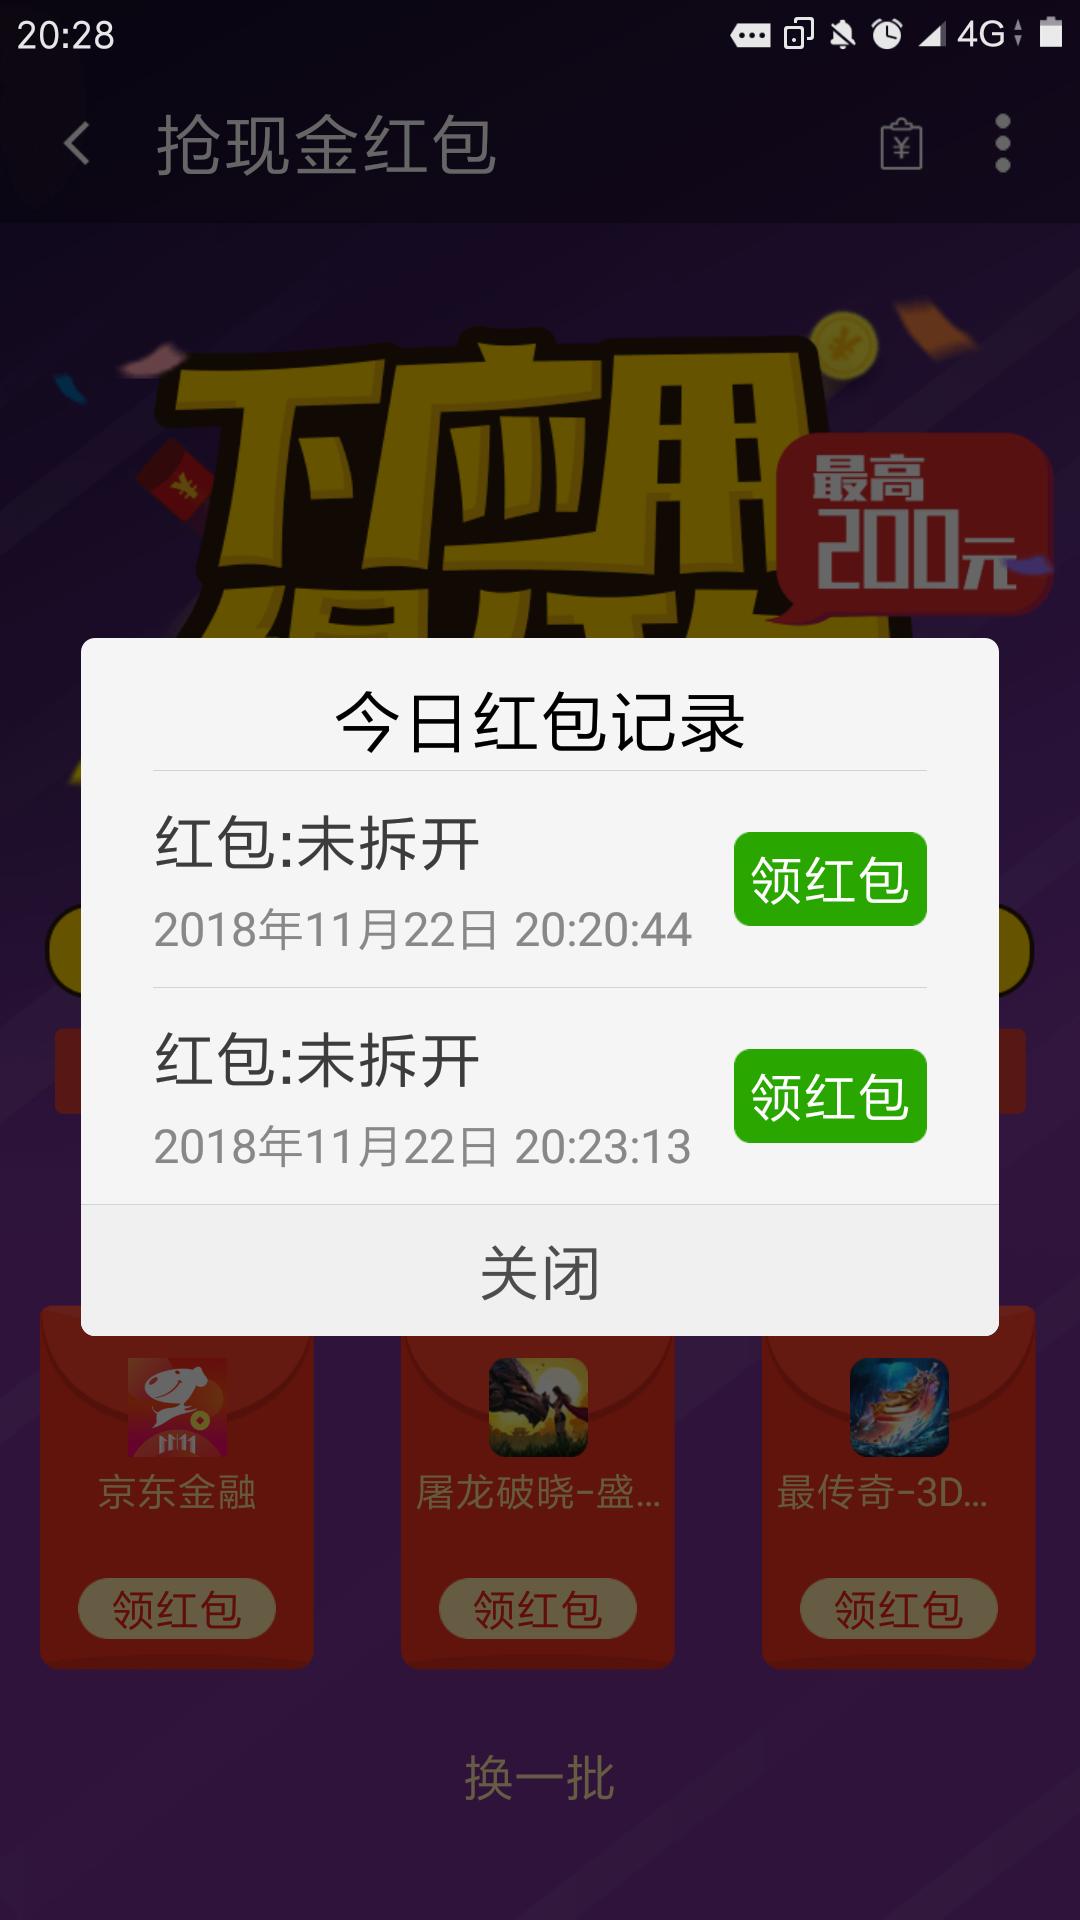 Screenshot_2018-11-22-20-28-32-624_com.qihoo.freewifi.png